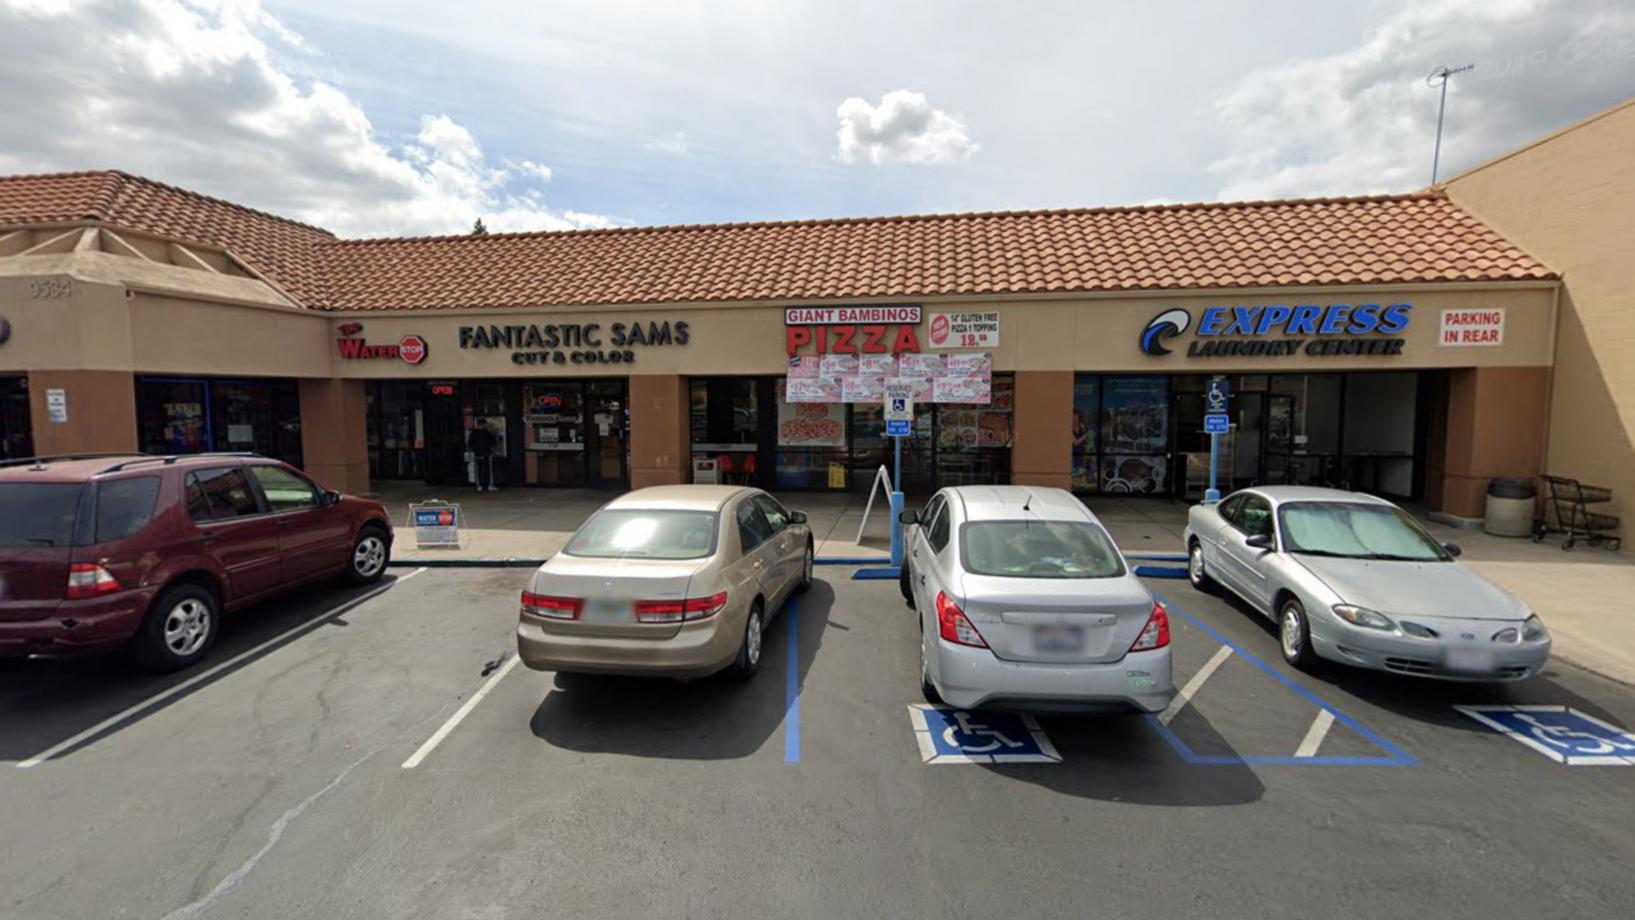 SUV Διακόπτεται Μέσω Βιτρίνα Του Παραλίμνιο Εστιατόριο Pizza, Όταν ο Οδηγός Χάνει τον Έλεγχο